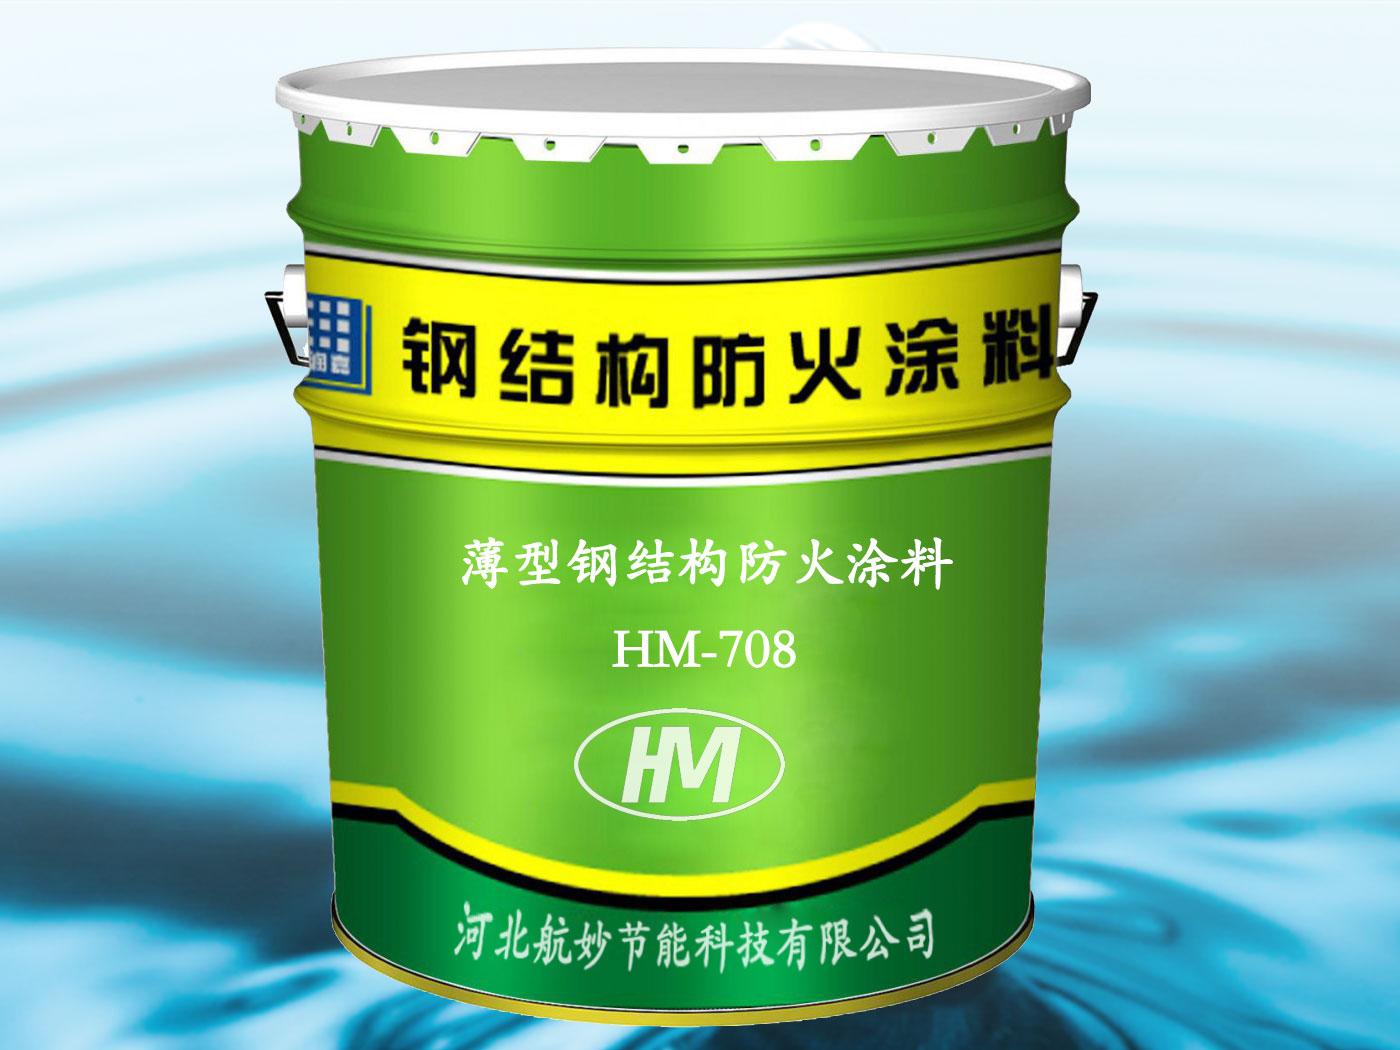 薄型钢结构防火涂料HM-708